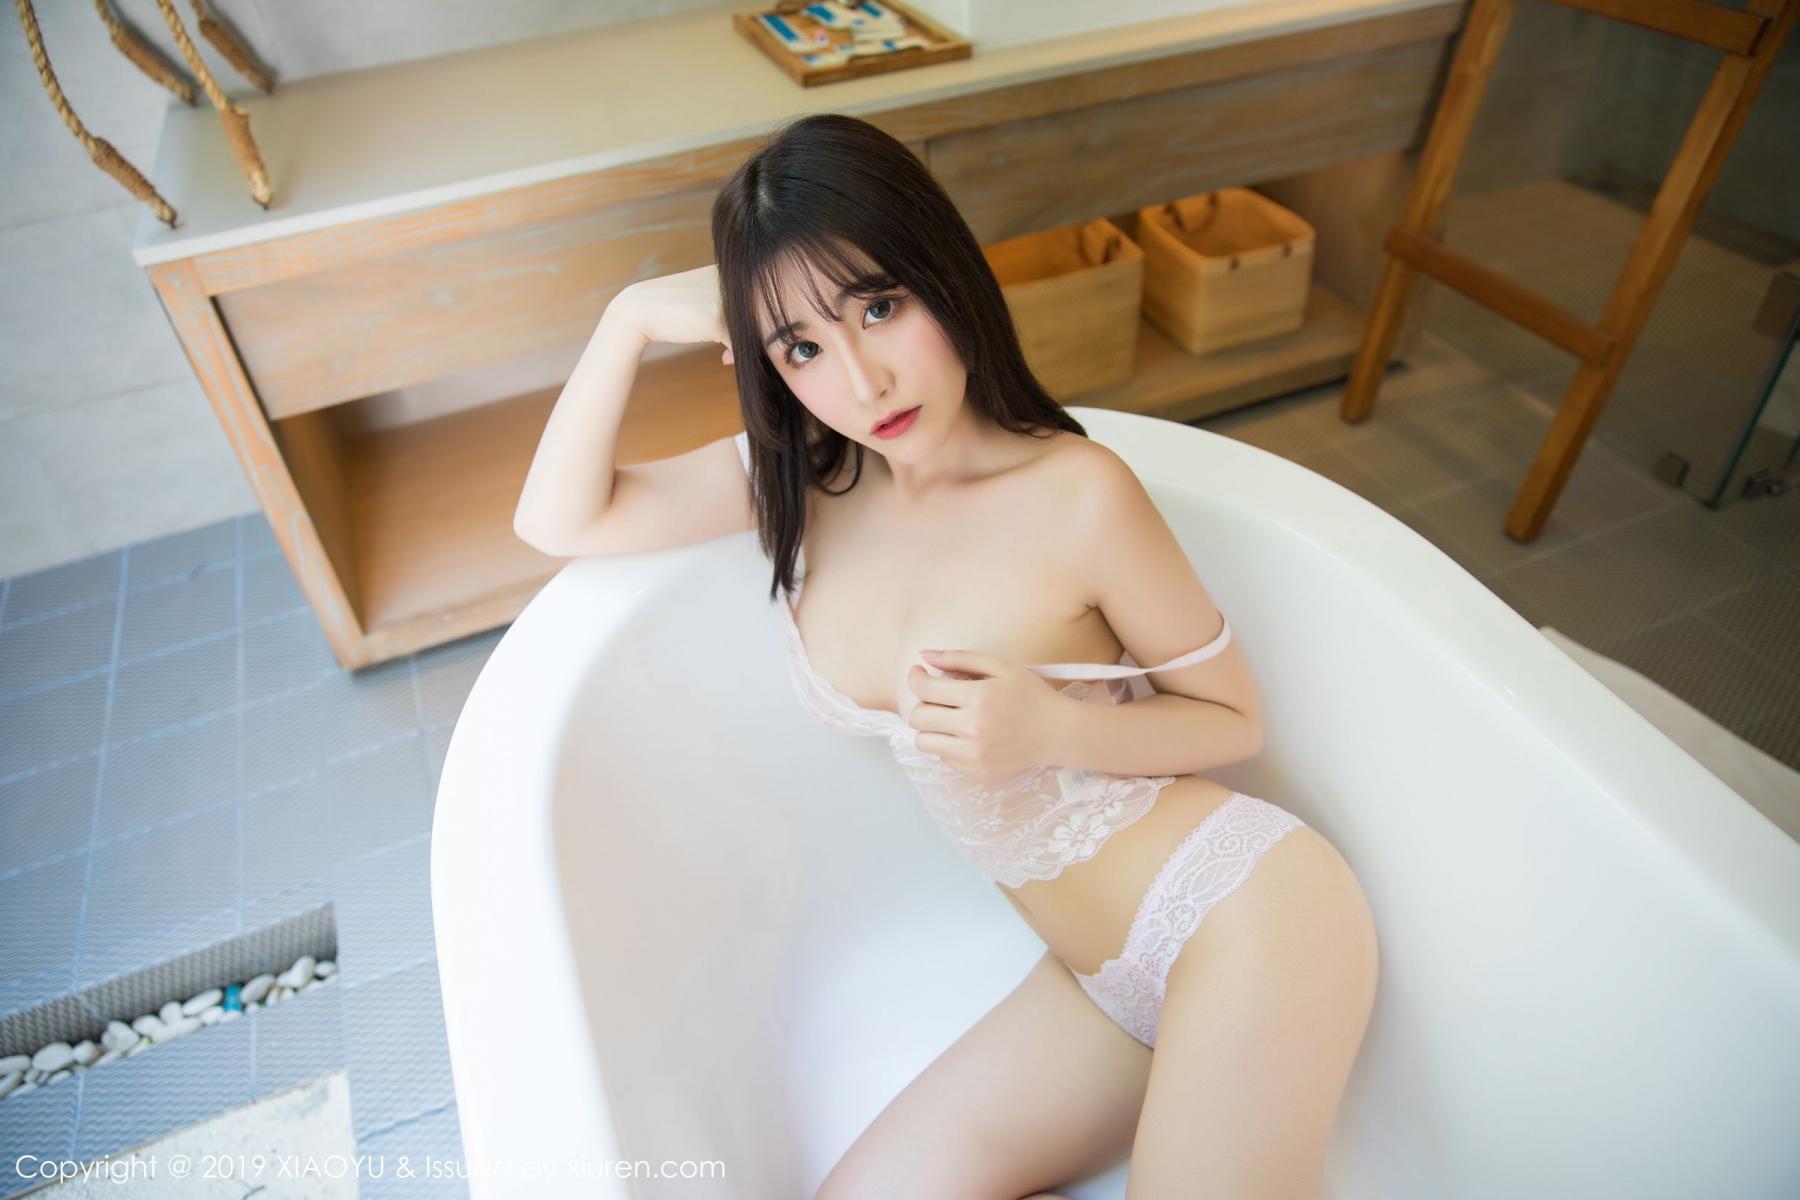 [XiaoYu] Vol.147 Xie Zhi Xin 53P, Bathroom, Big Booty, Wet, XiaoYu, Xie Zhi Xin